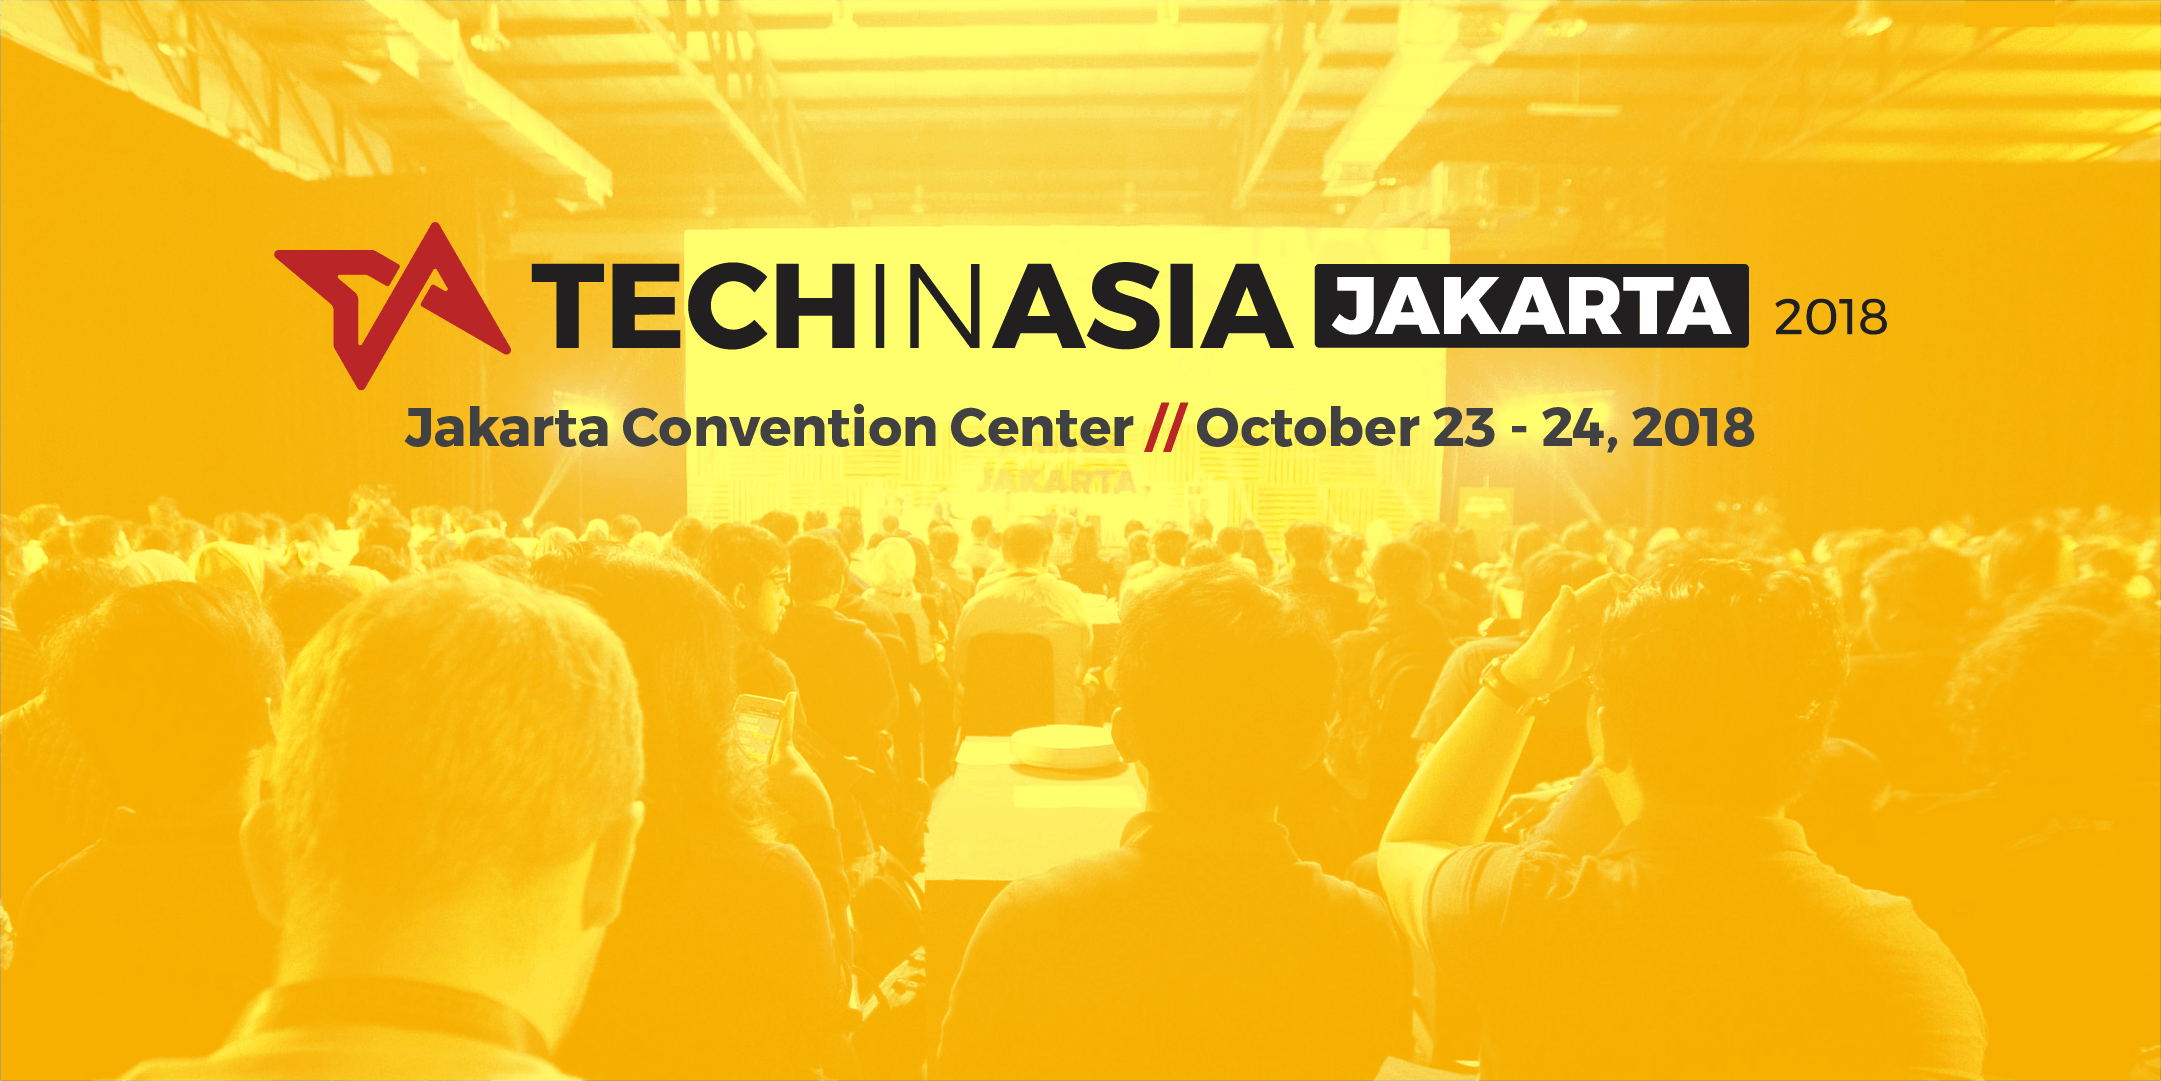 Tech in Asia Jakarta 2018 (International Dele